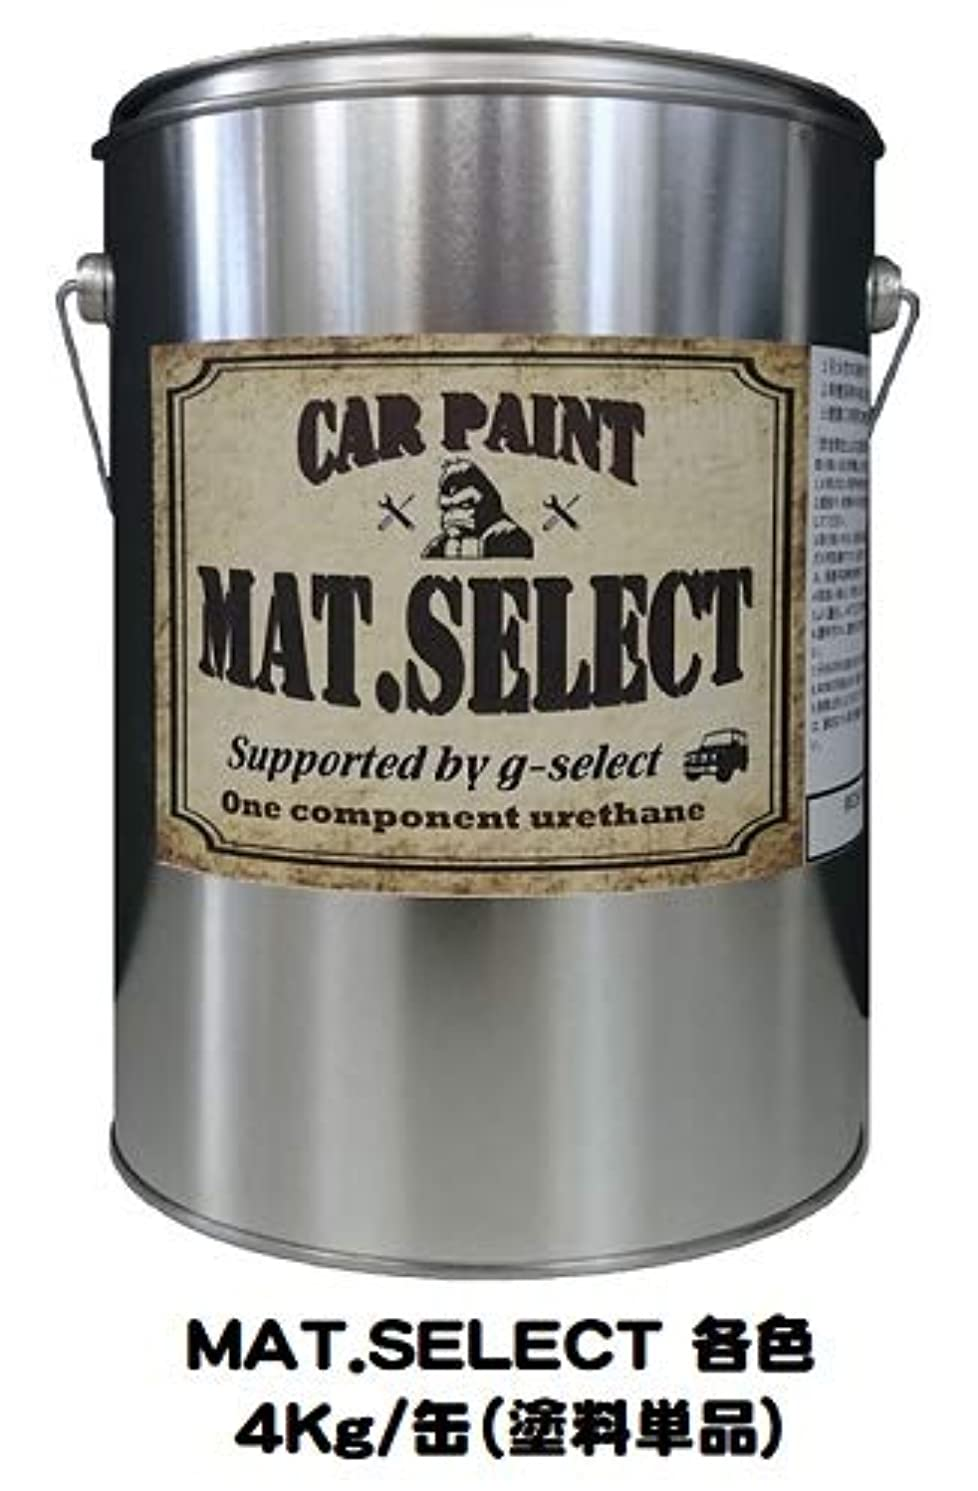 靄闘争矛盾g-select 車輌塗装用1液ウレタン艶消し塗料「MAT.SELECT」刷毛?ローラー塗装可能 レトロカラー 【R-5】チョコレートブラウン 4Kg缶